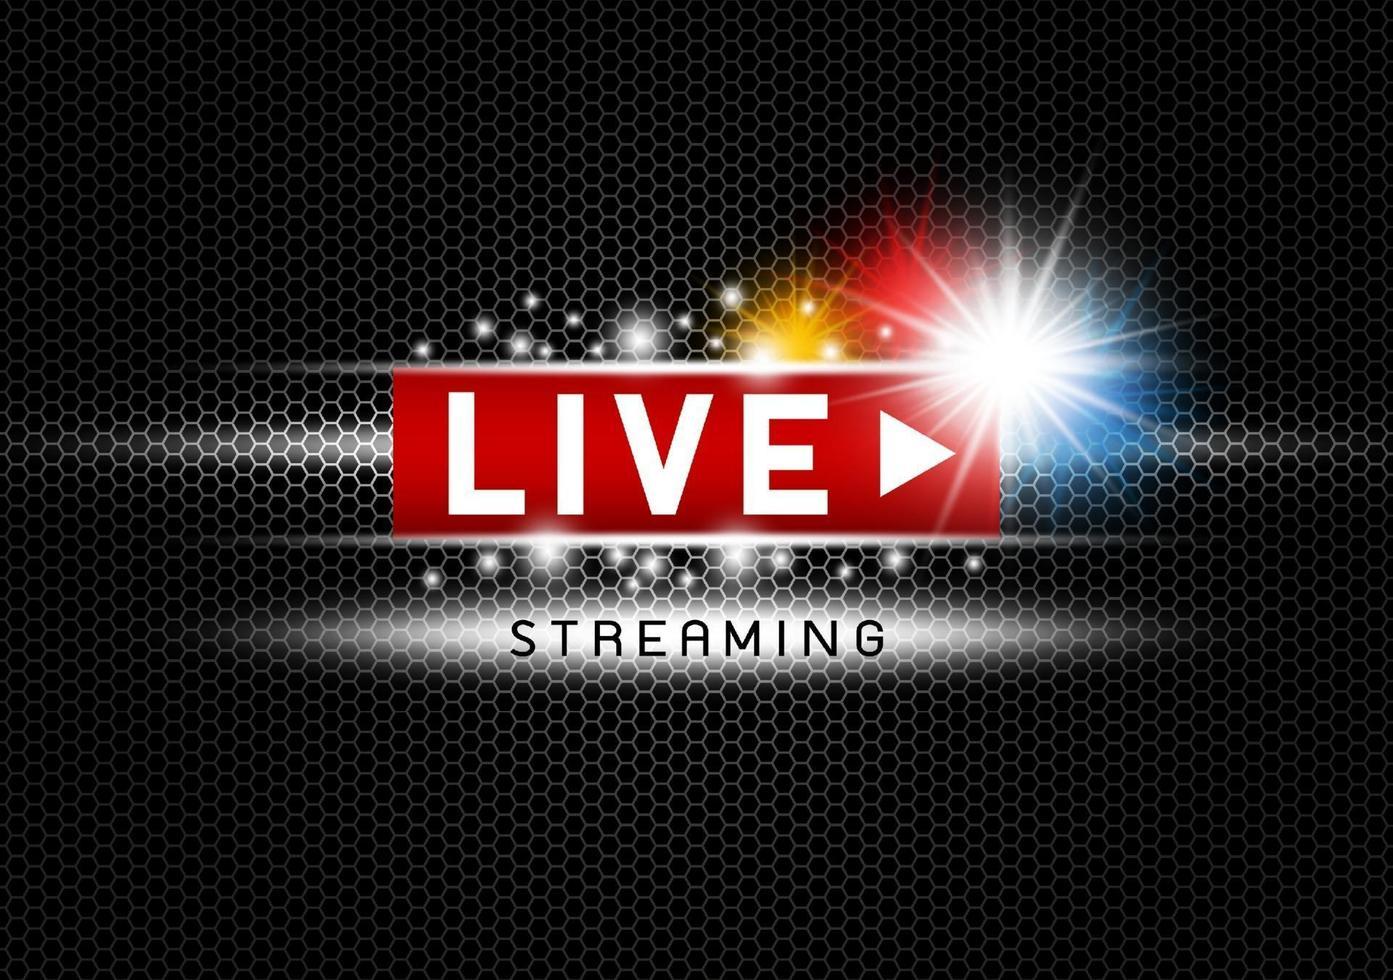 streaming ao vivo com luzes na ilustração vetorial de fundo de textura de metal preto vetor